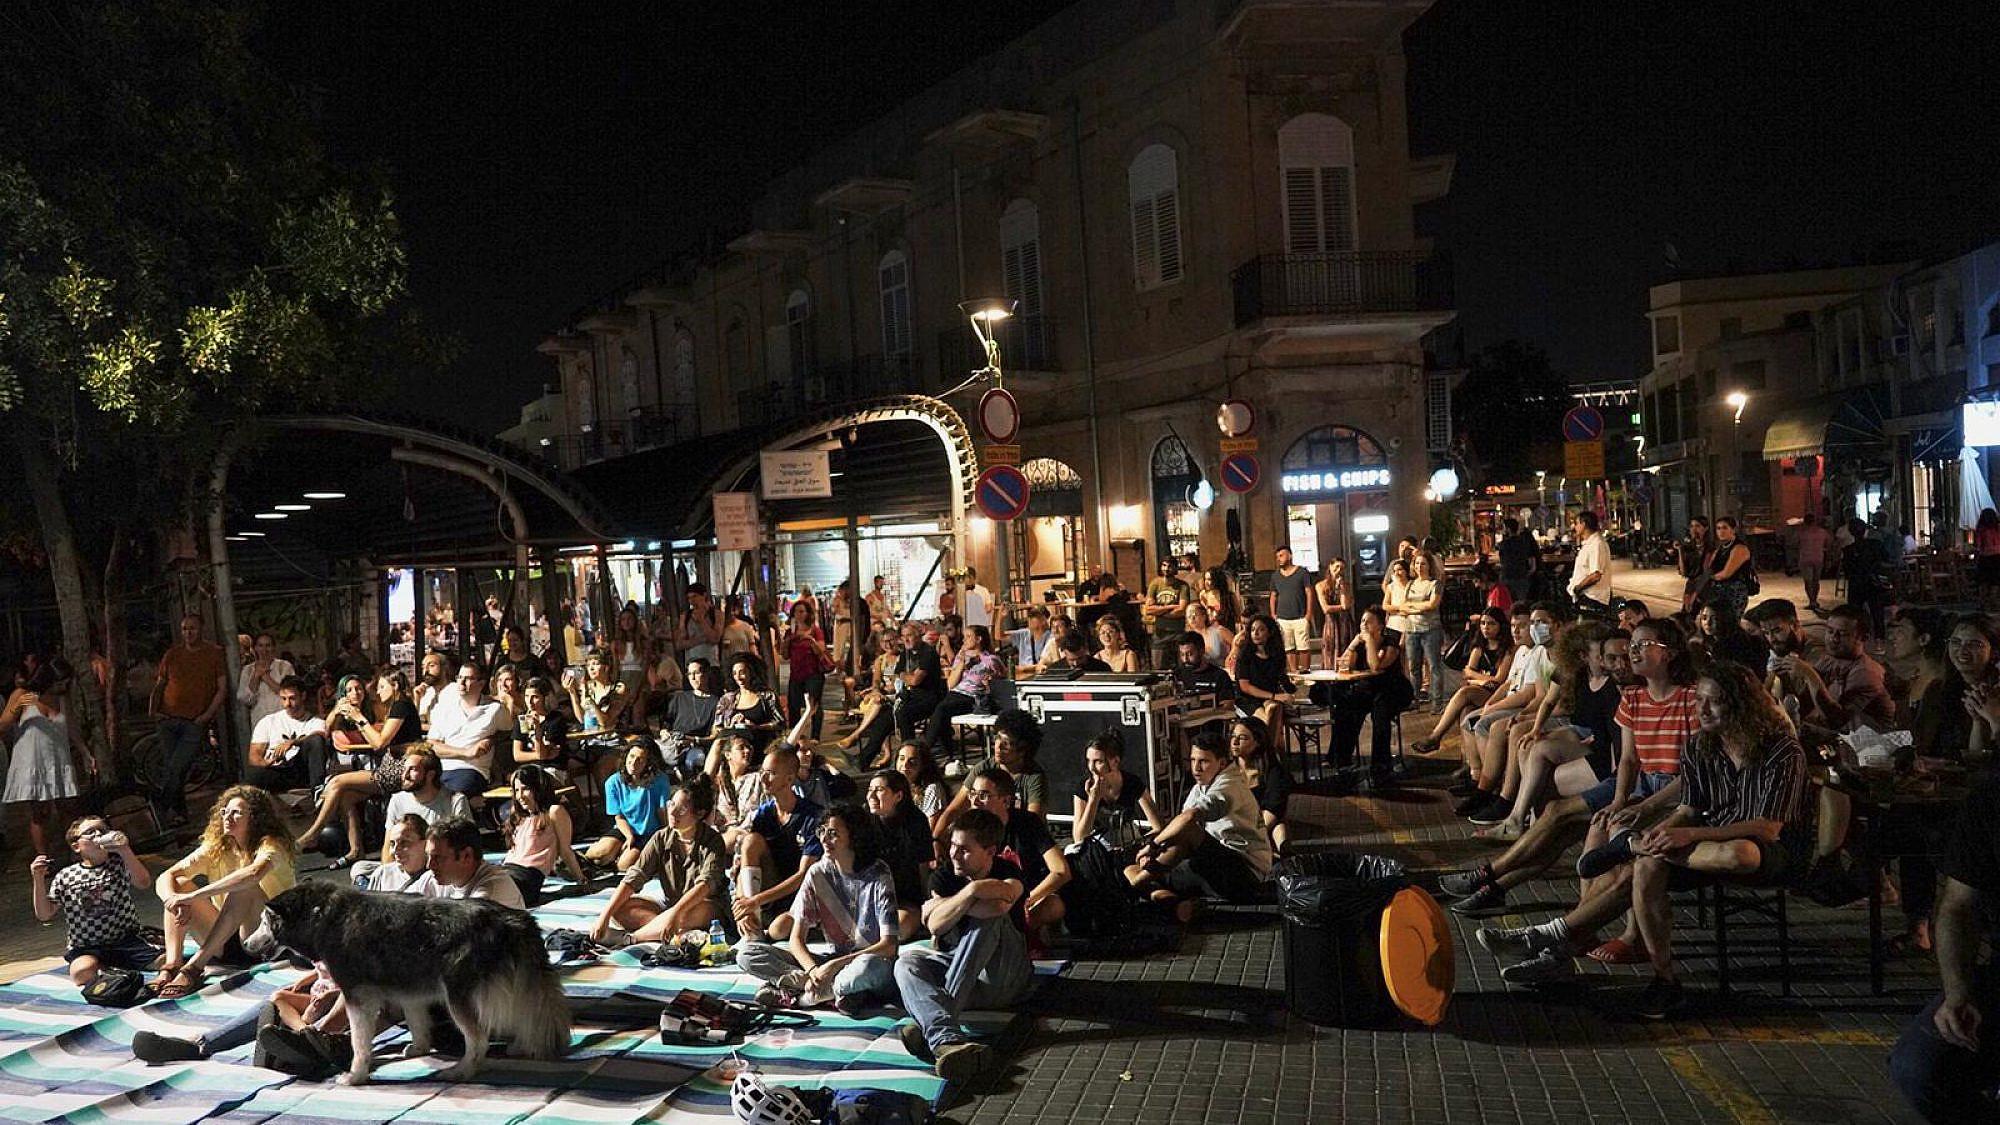 אין כמו יפו בלילות אה. קיץ יפואי בשוק הפשפשים (צילום: אילן ספרא)